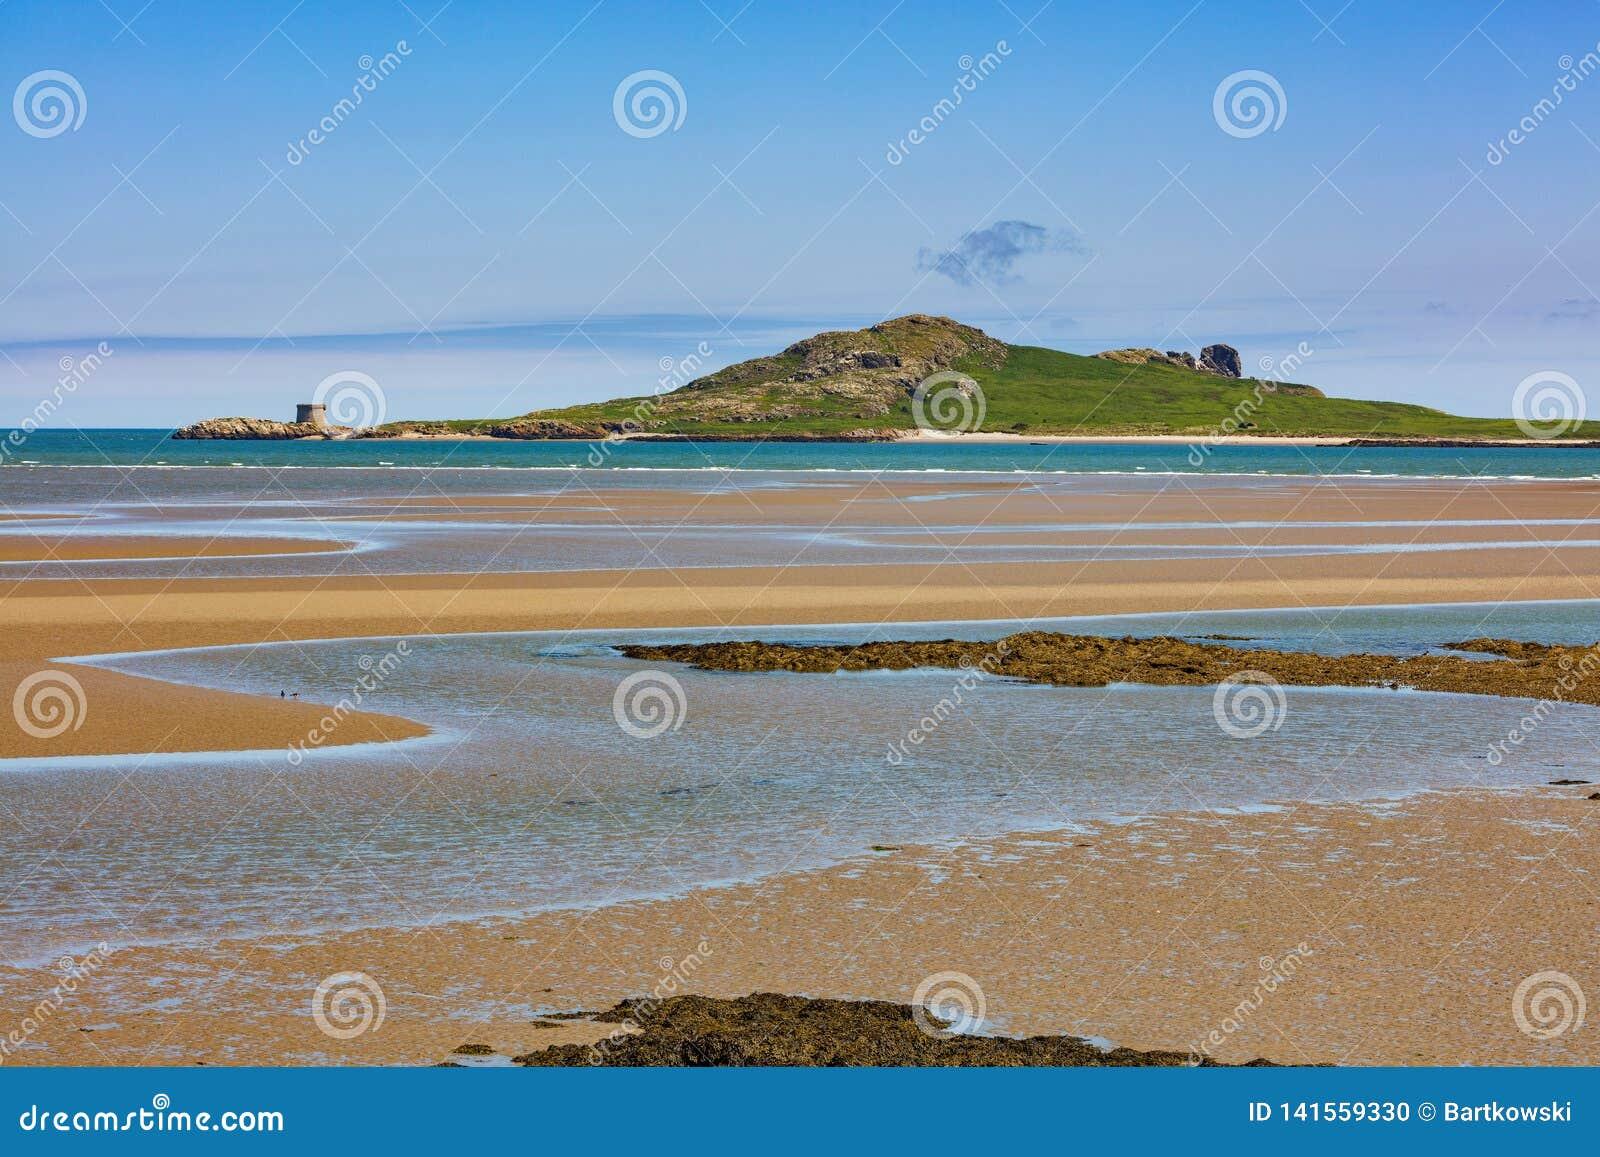 Остров глаза Ирландии на восточном побережье Ирландии